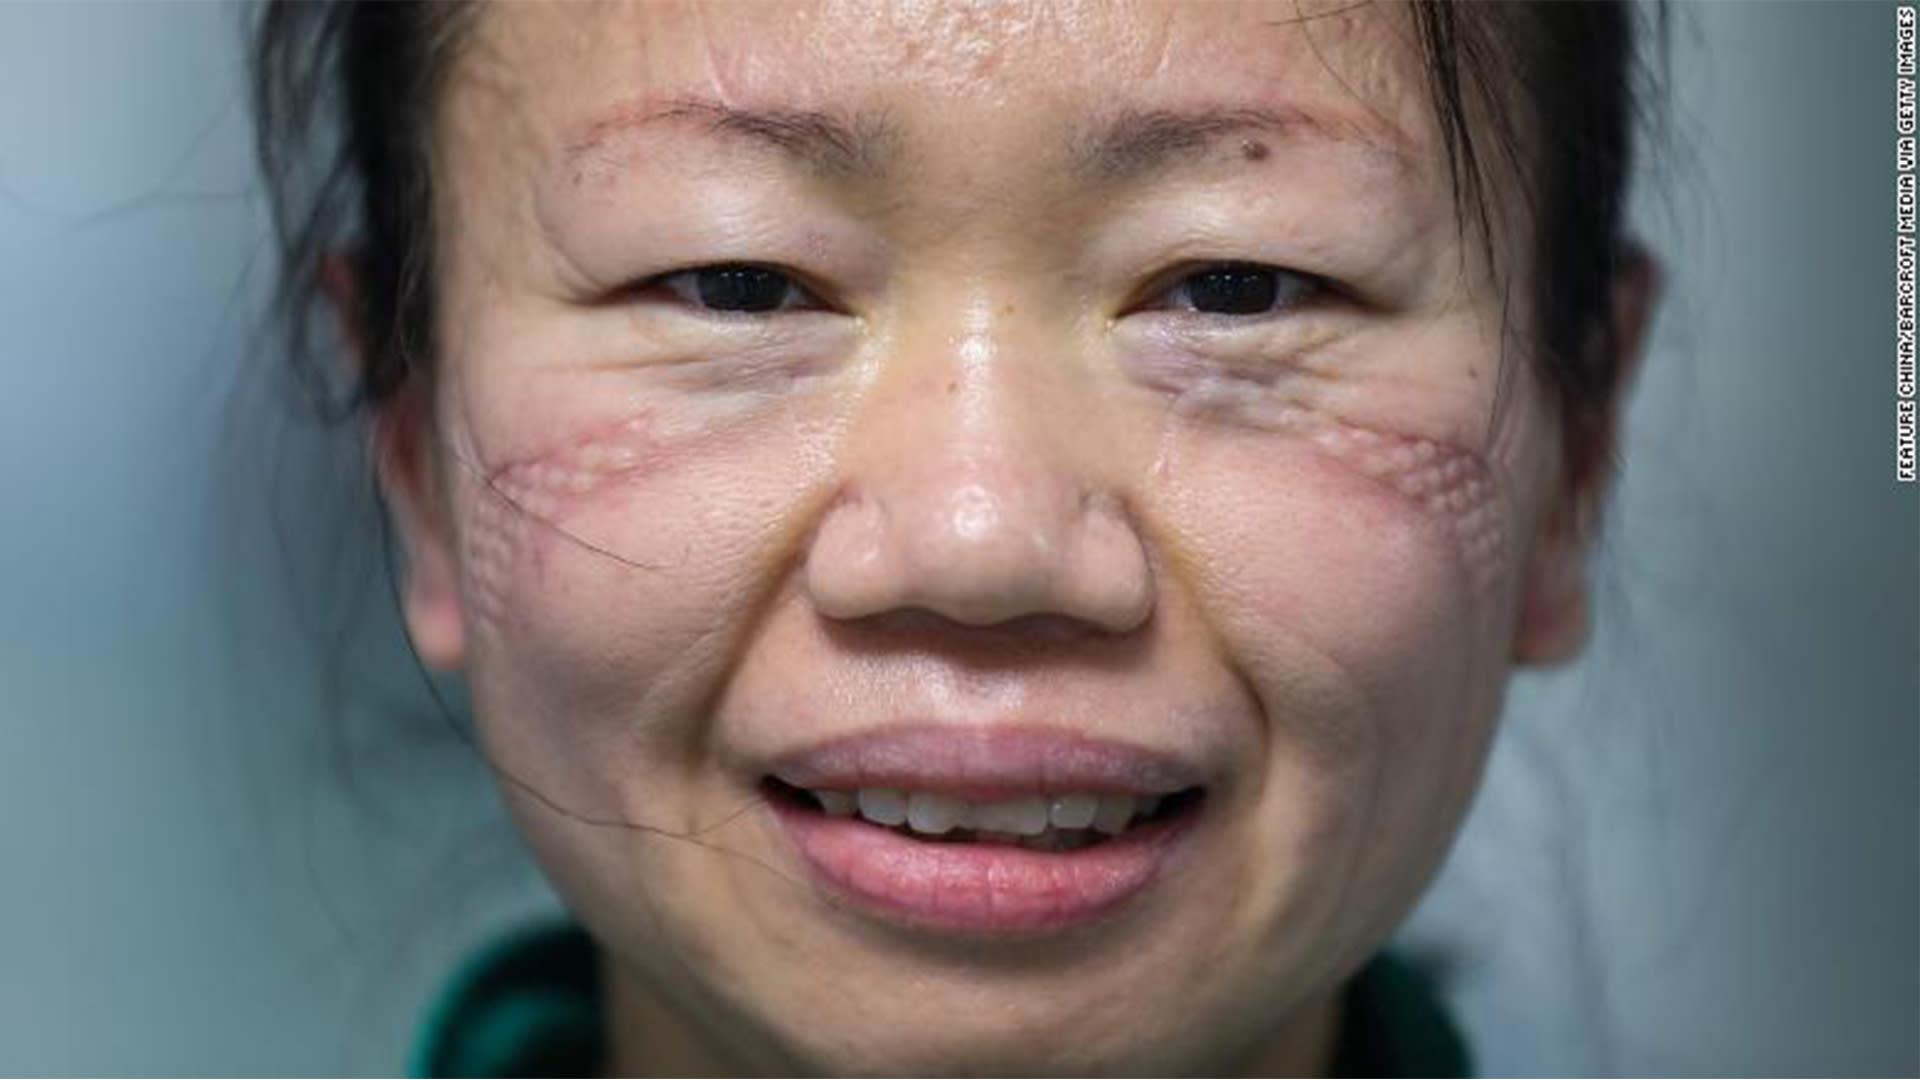 الوجوه العديدة لمحاربي فيروس كورونا في جميع أنحاء العالم